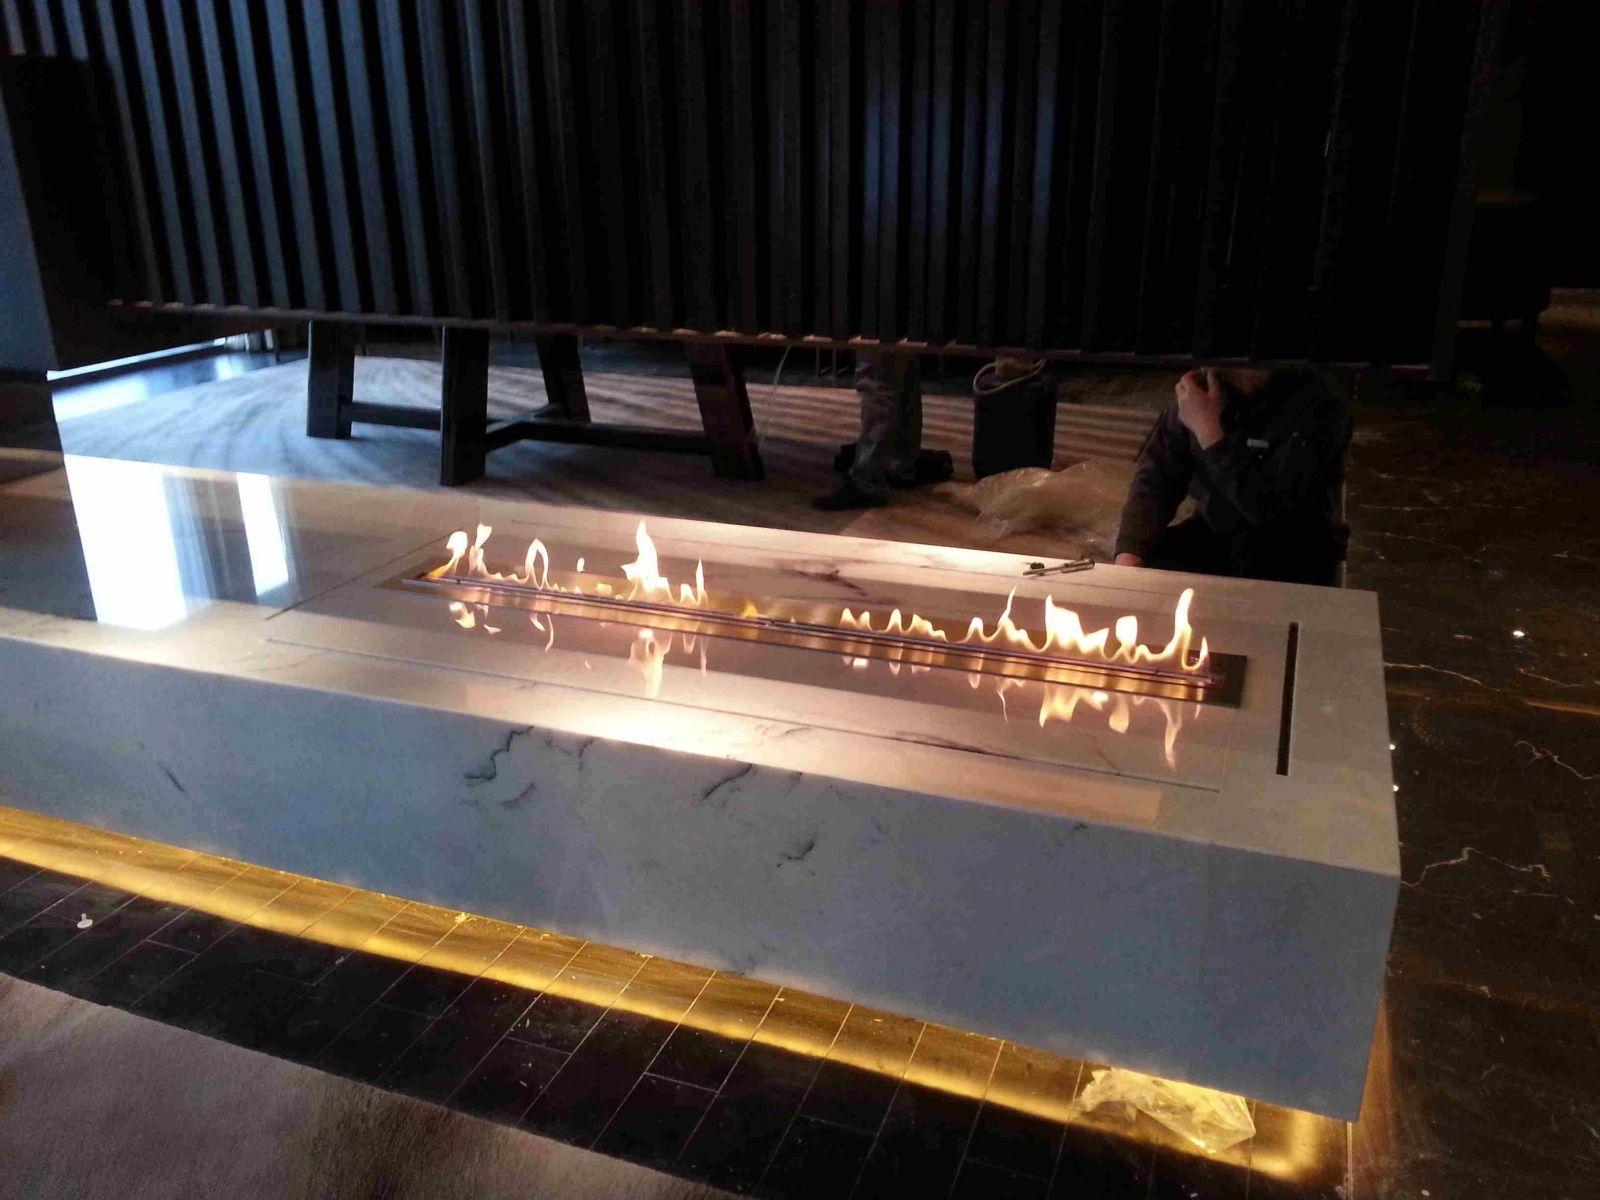 深圳君悦酒店真火的壁炉案例 9